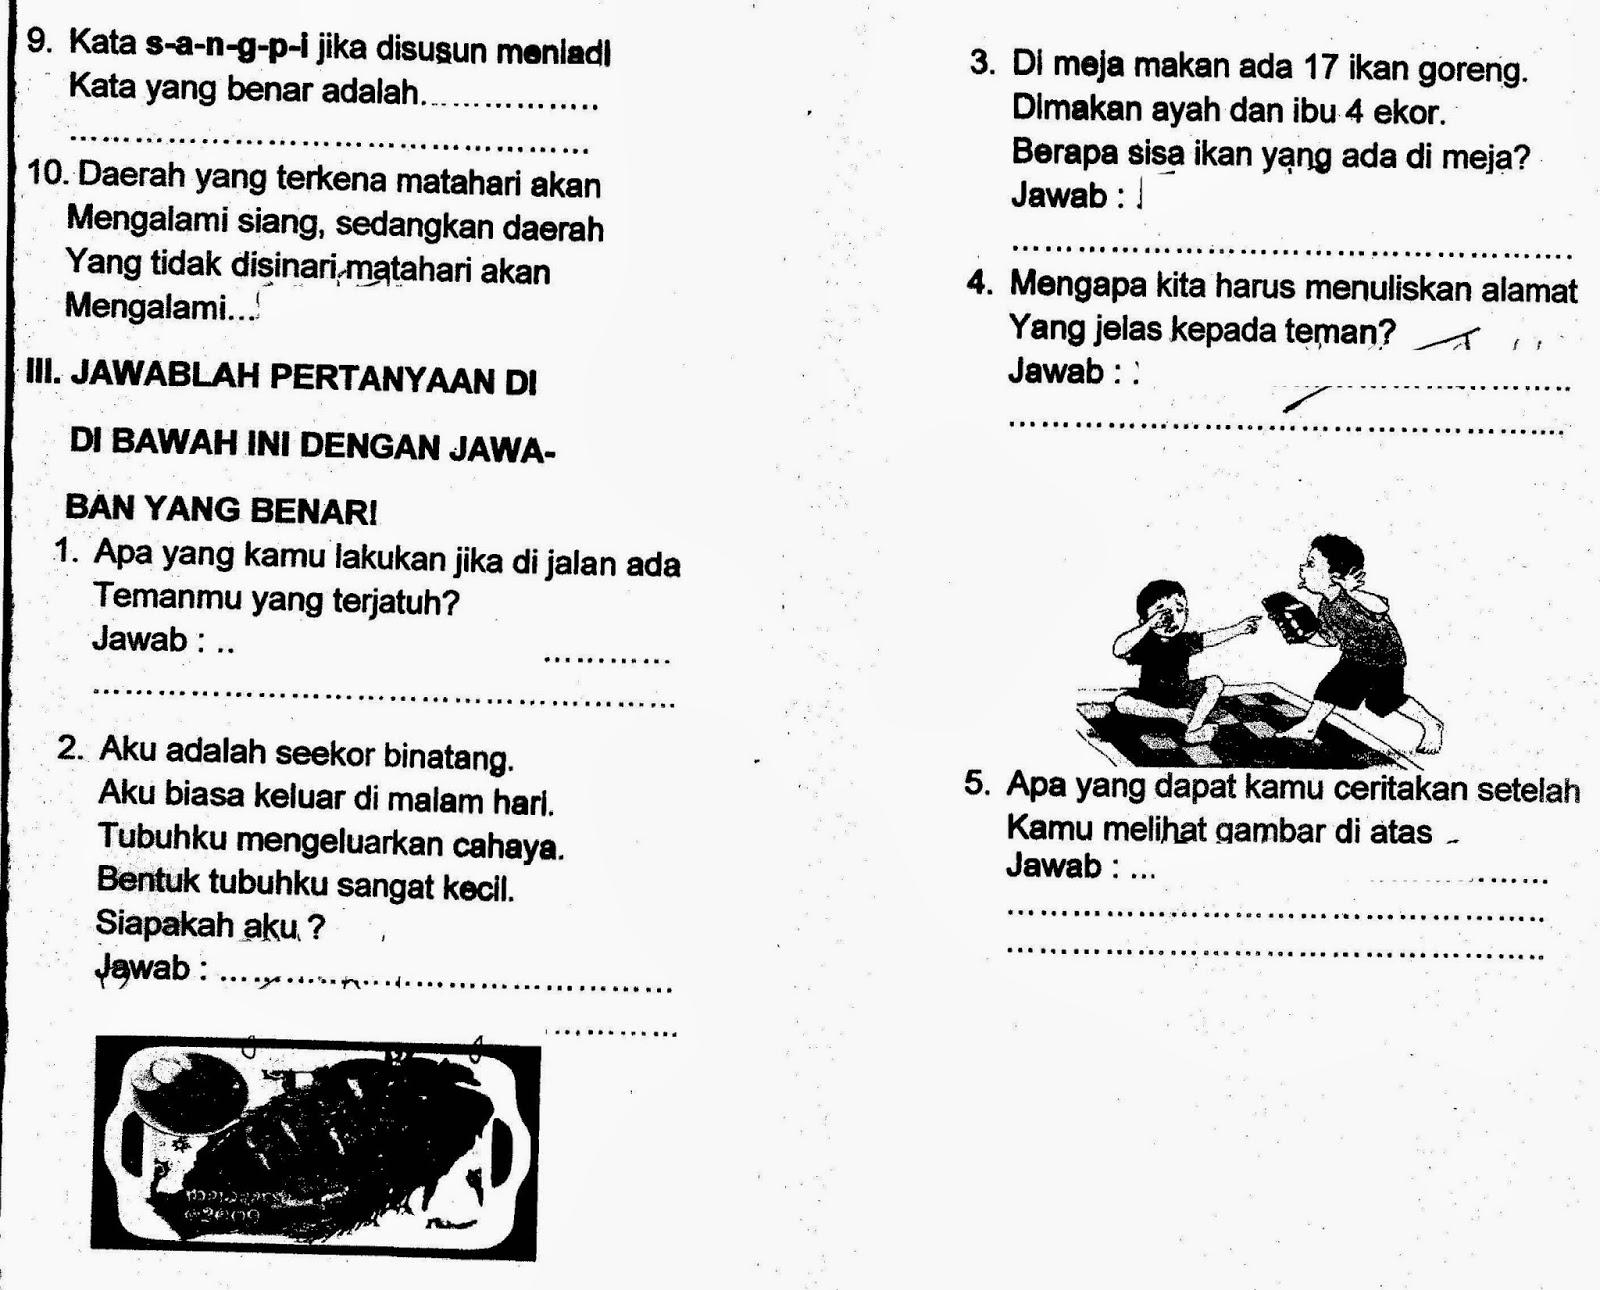 Soal Tematik Kelas 1 Dan Kunci Jawaban